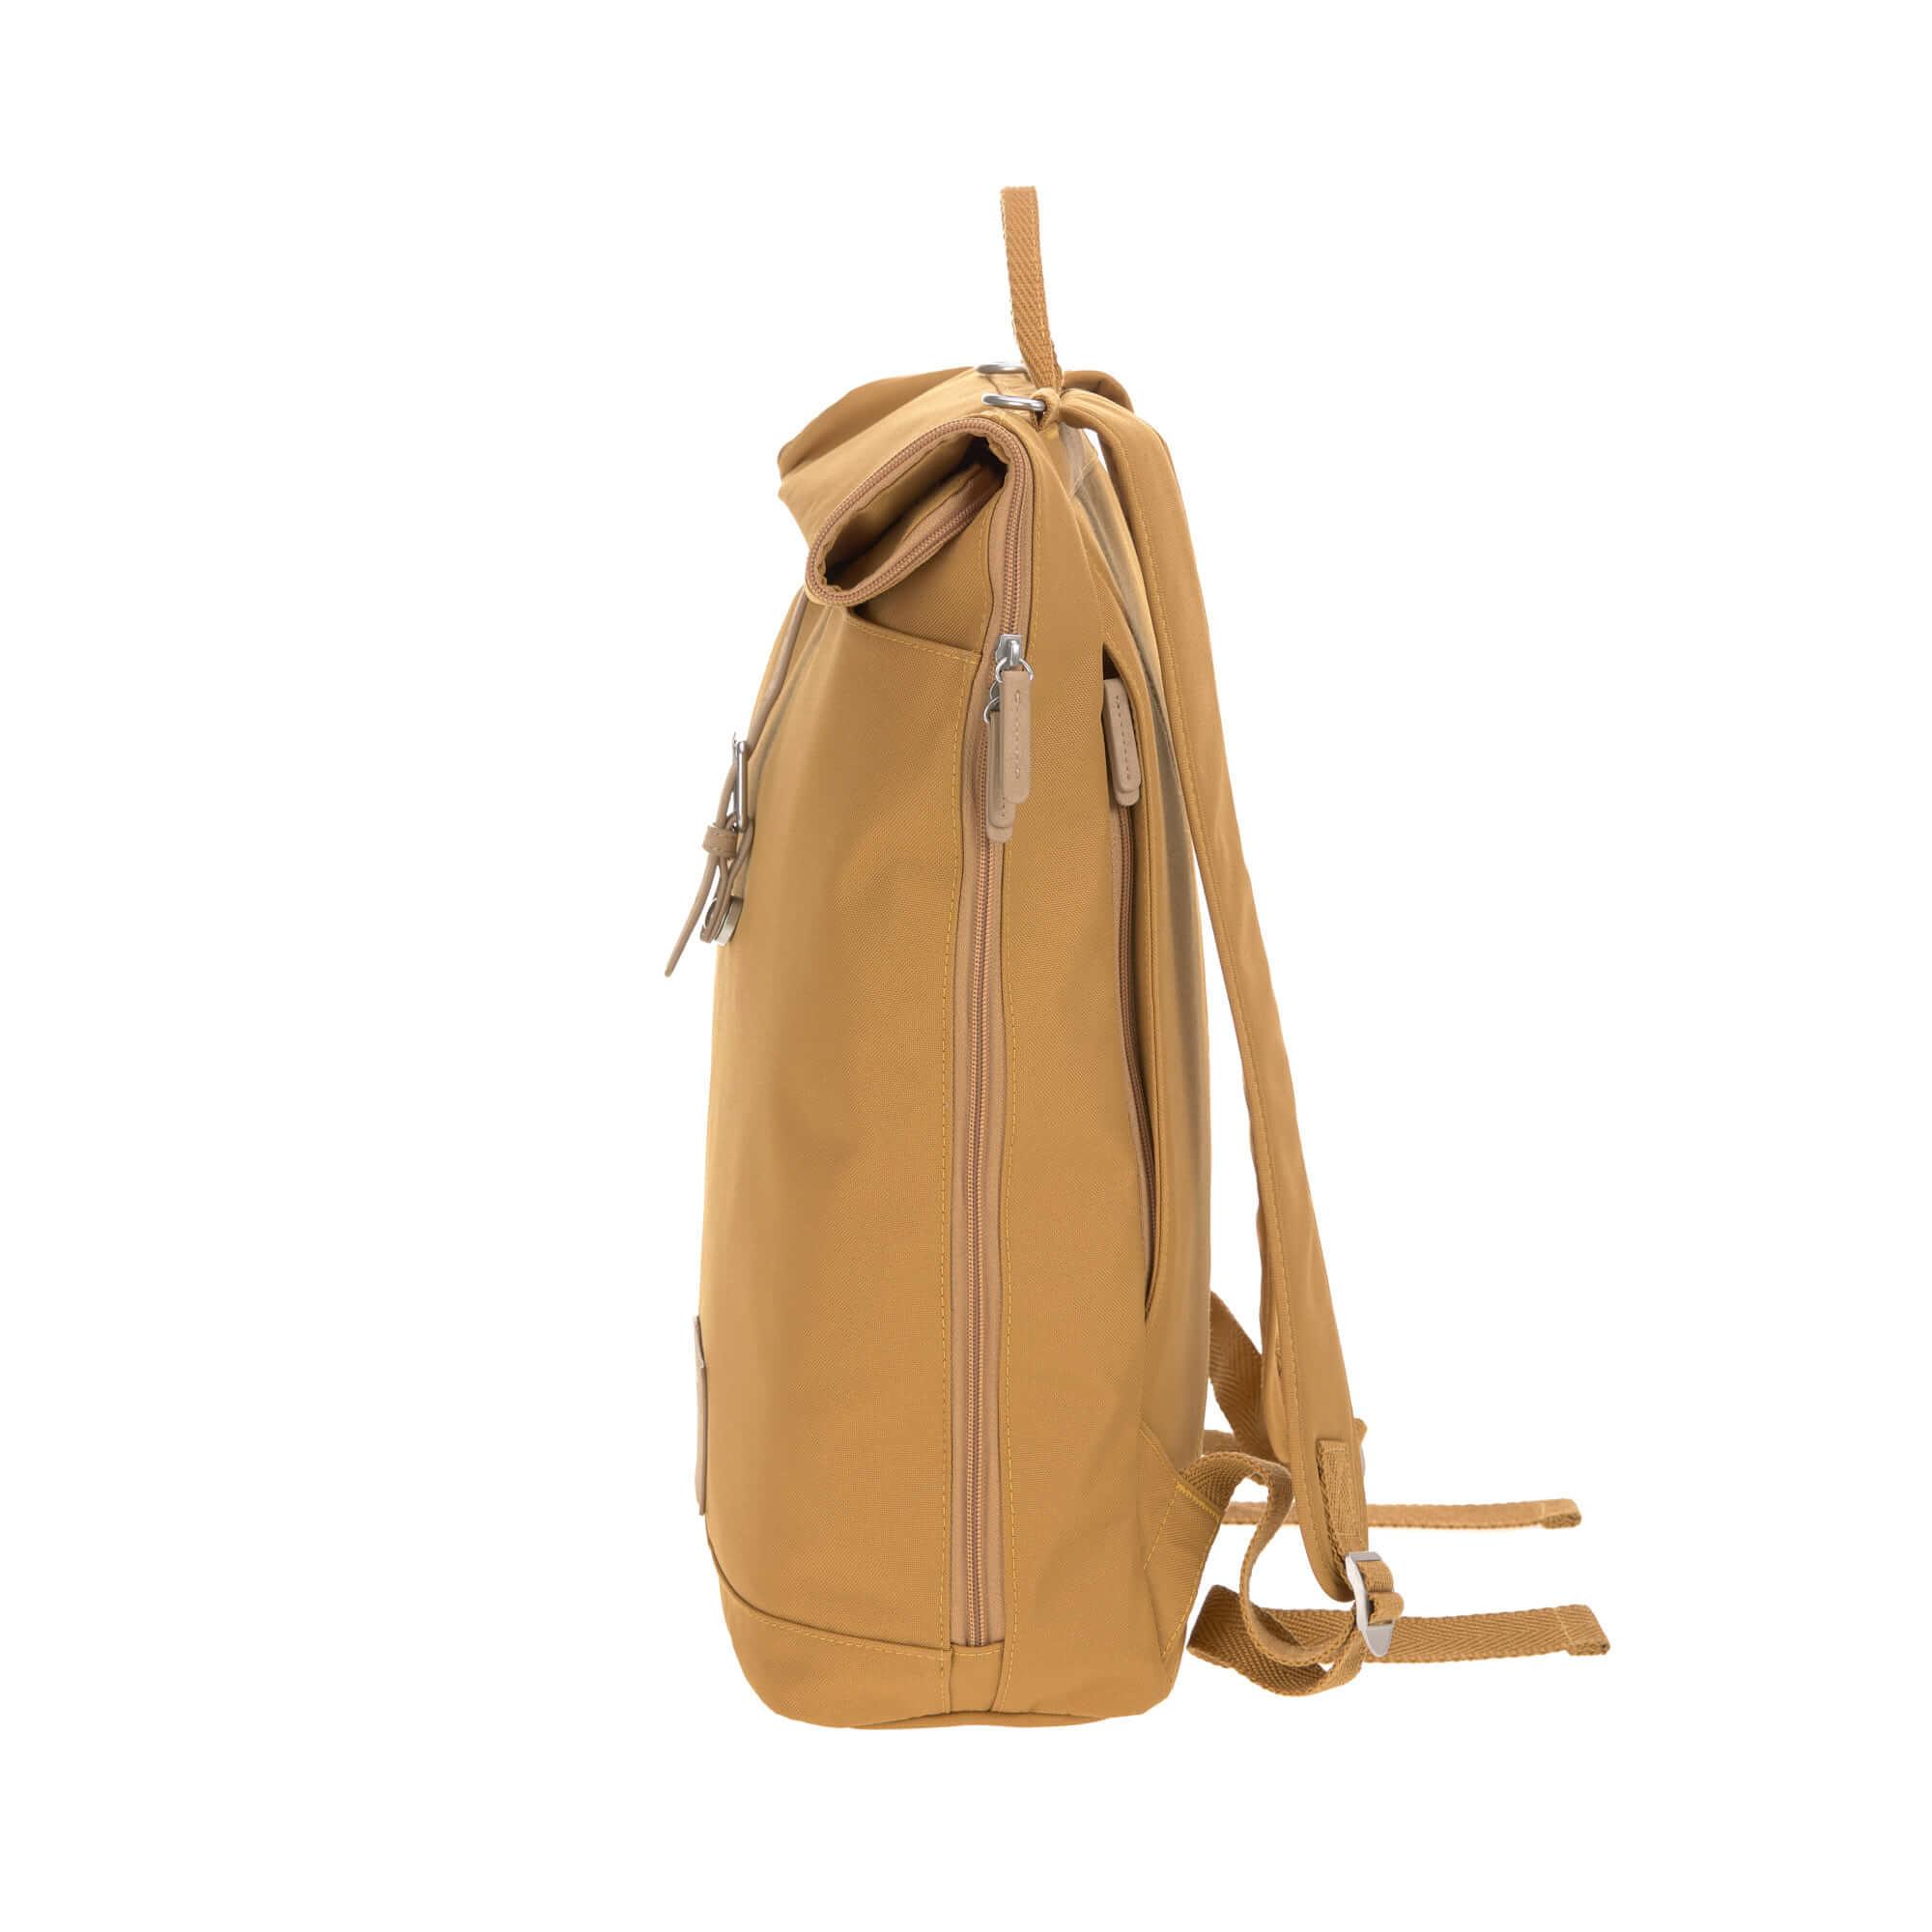 Lässig LÄSSIG Luiertas Rolltop Backpack incl. verschoningsmatje - curry